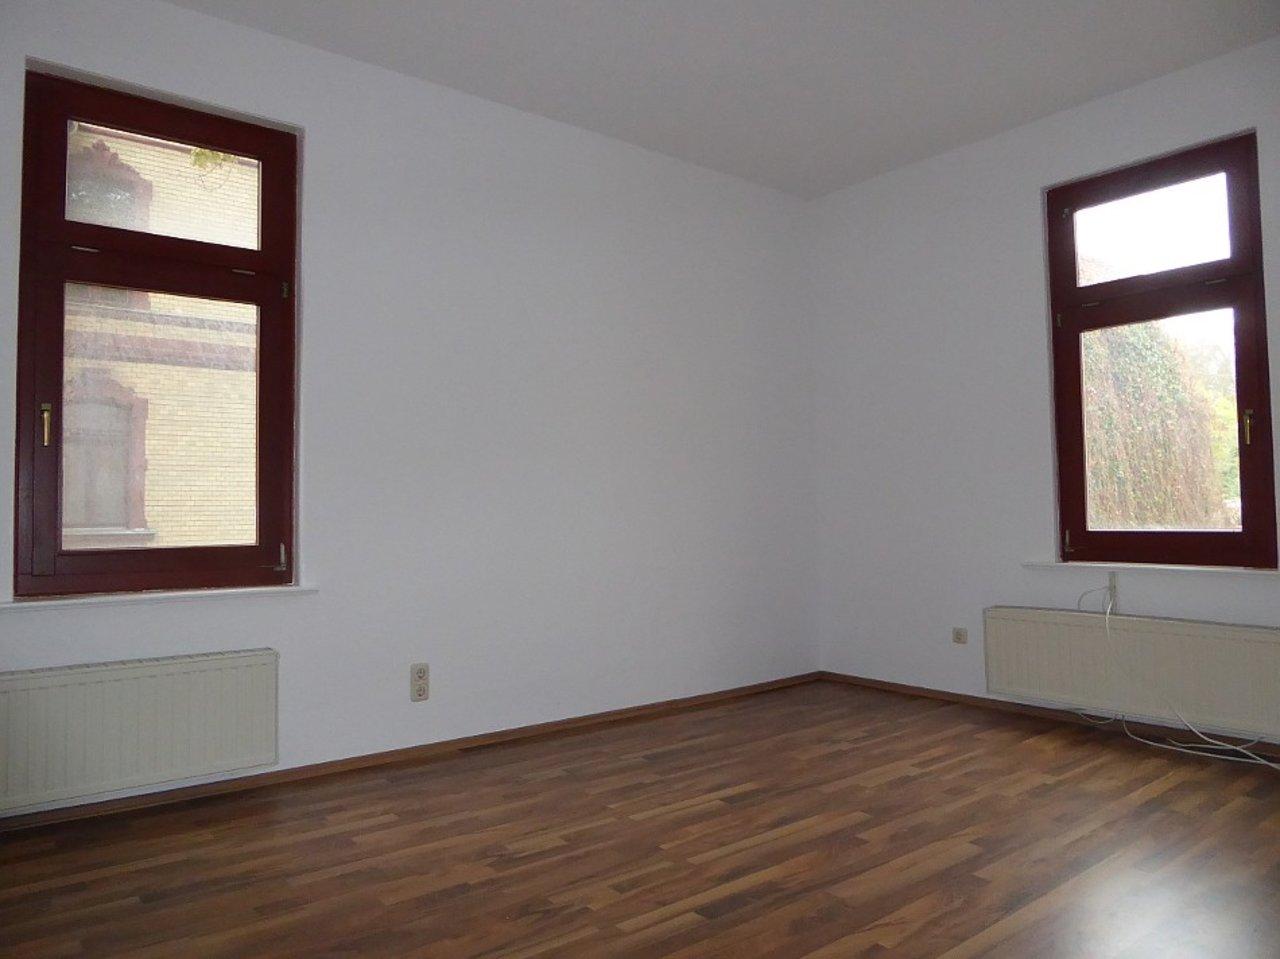 Großzügige 3-Zimmerwohnung mit Kamin und Einbauküche-Schlafen